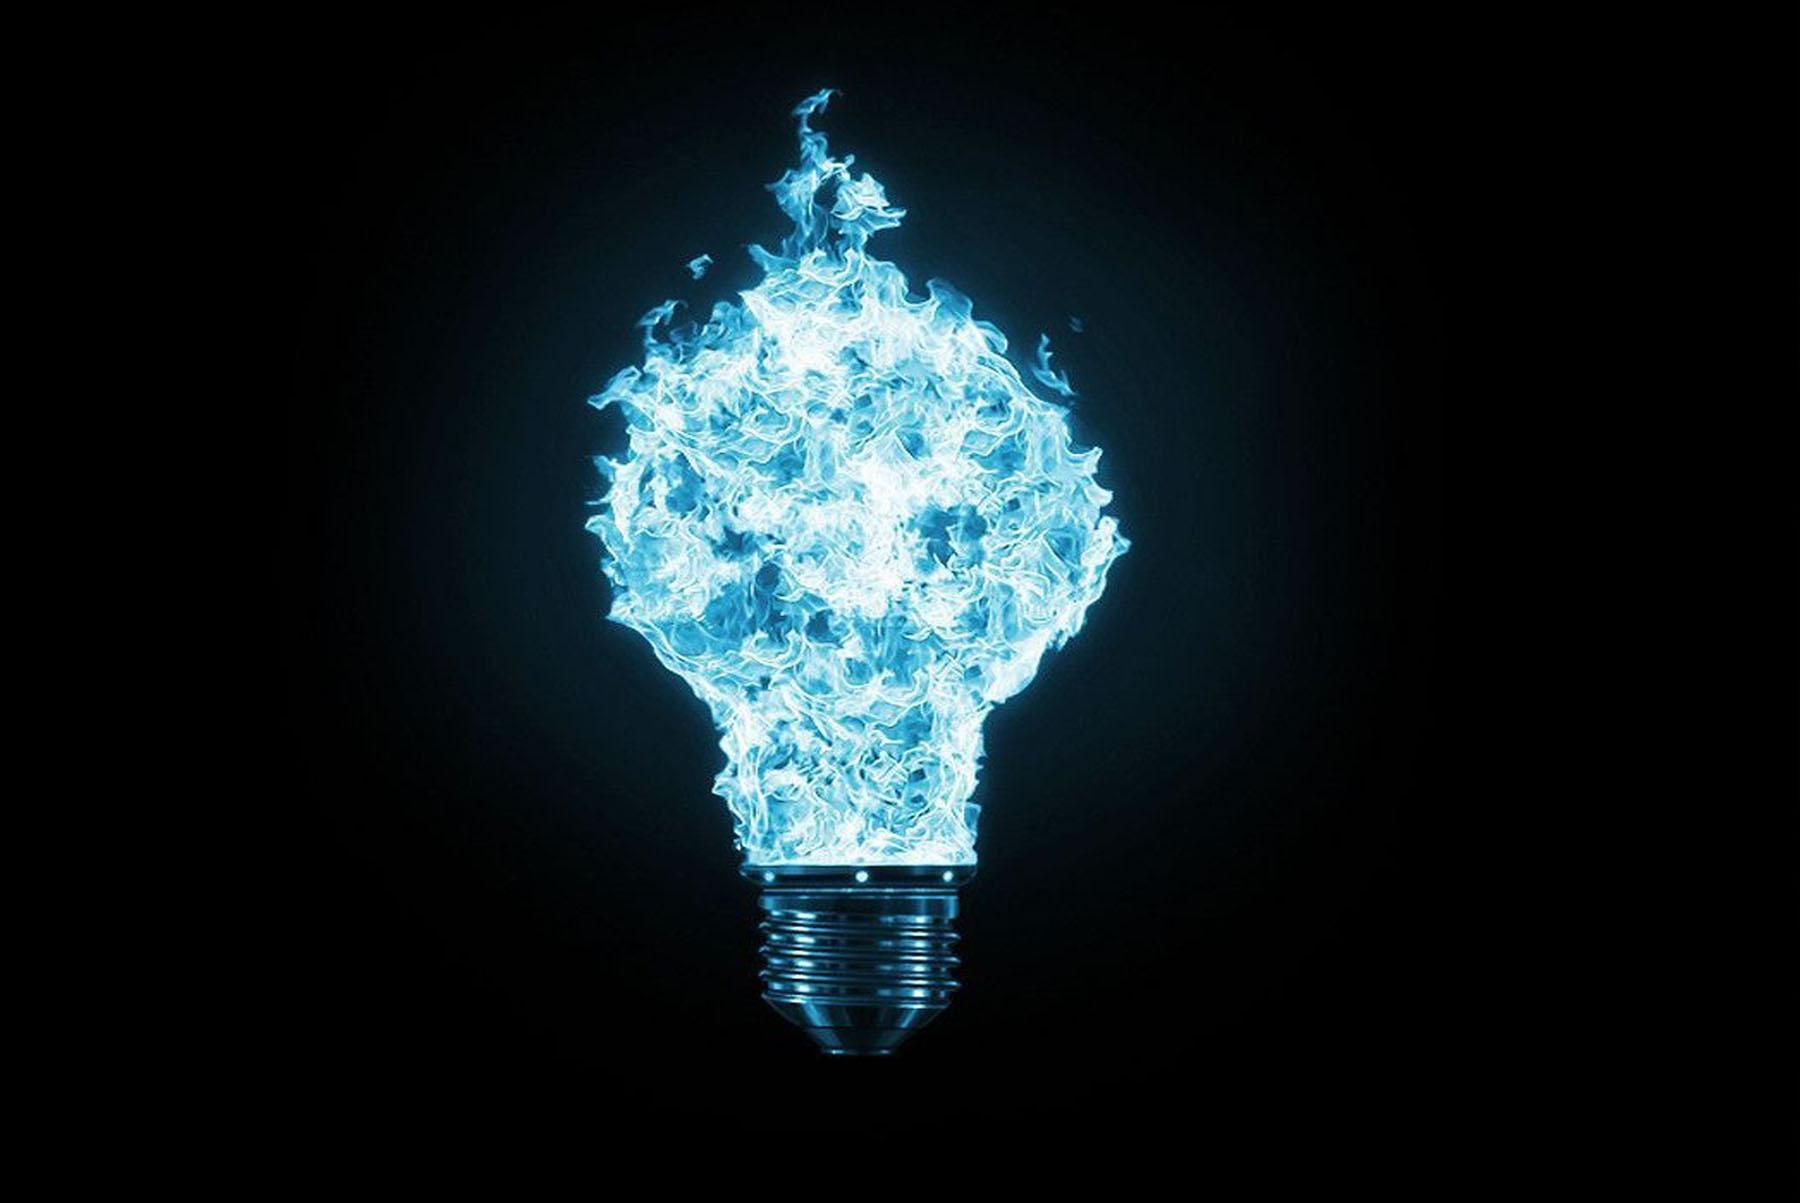 électricité pas cher économie d'énergie comparatif